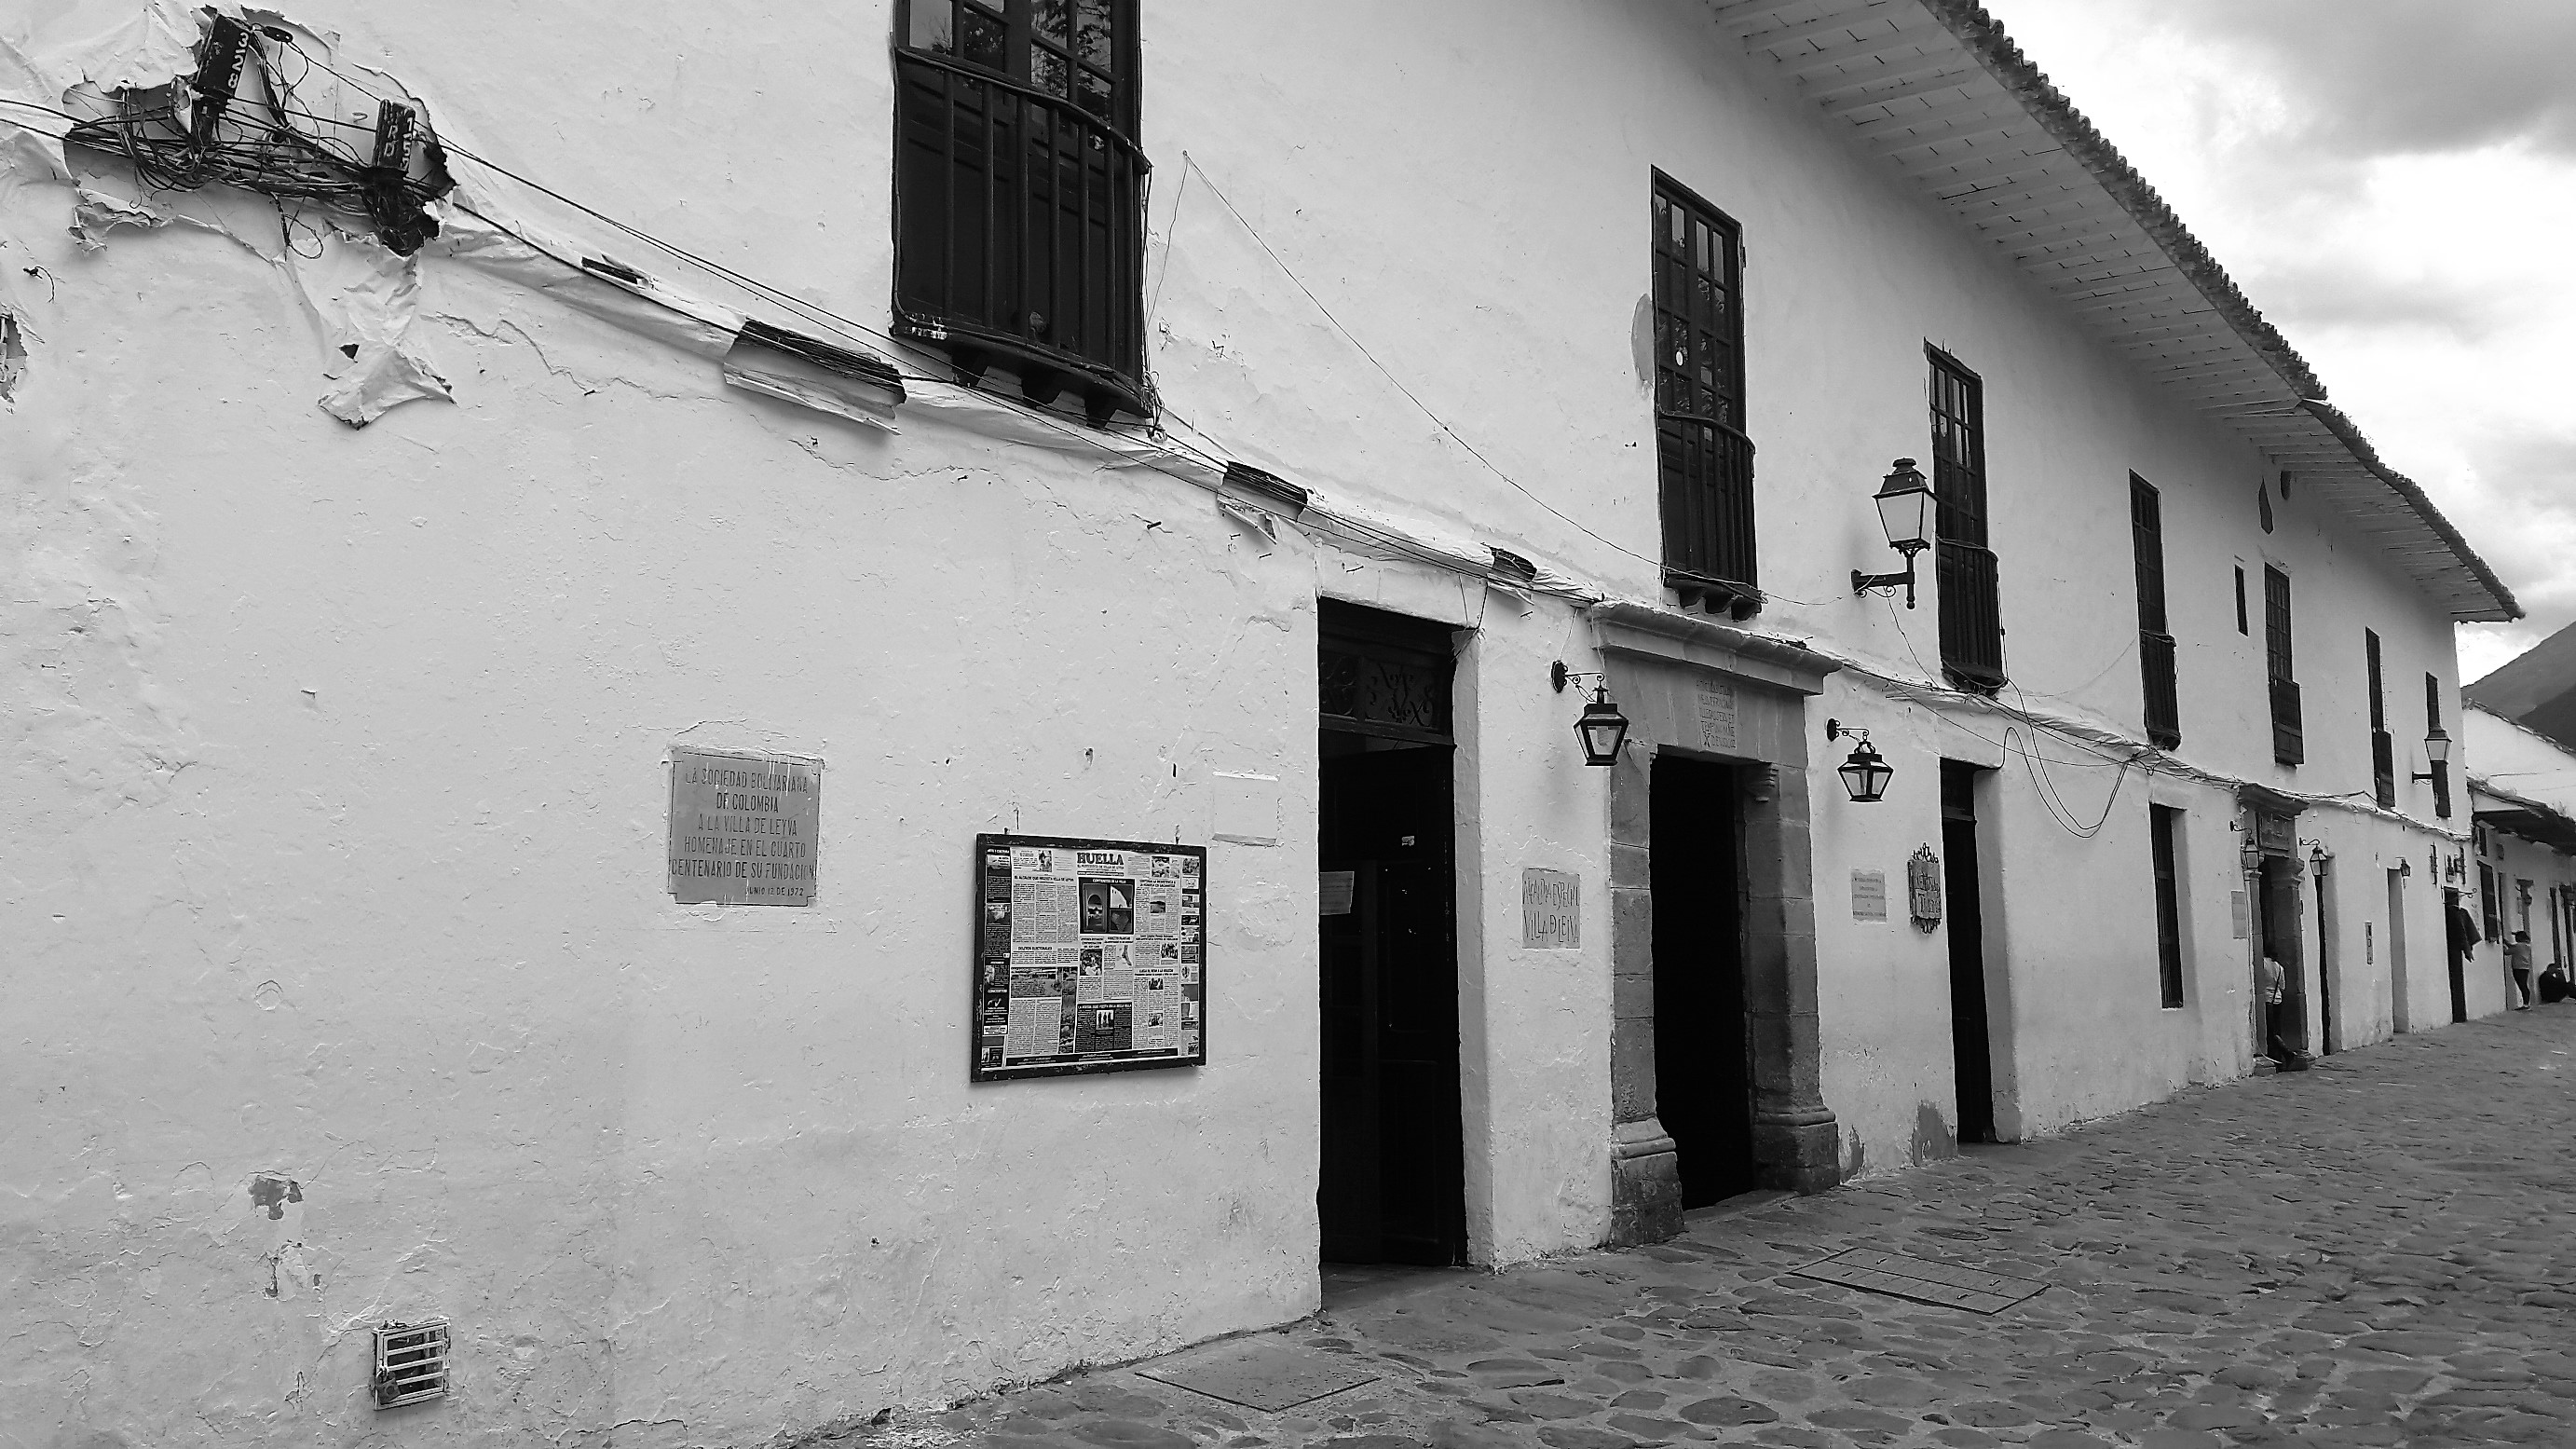 Construcciones de Arquitectura colonial en Villa de Leyva - Boyacá - Colombia Foto: David Medina